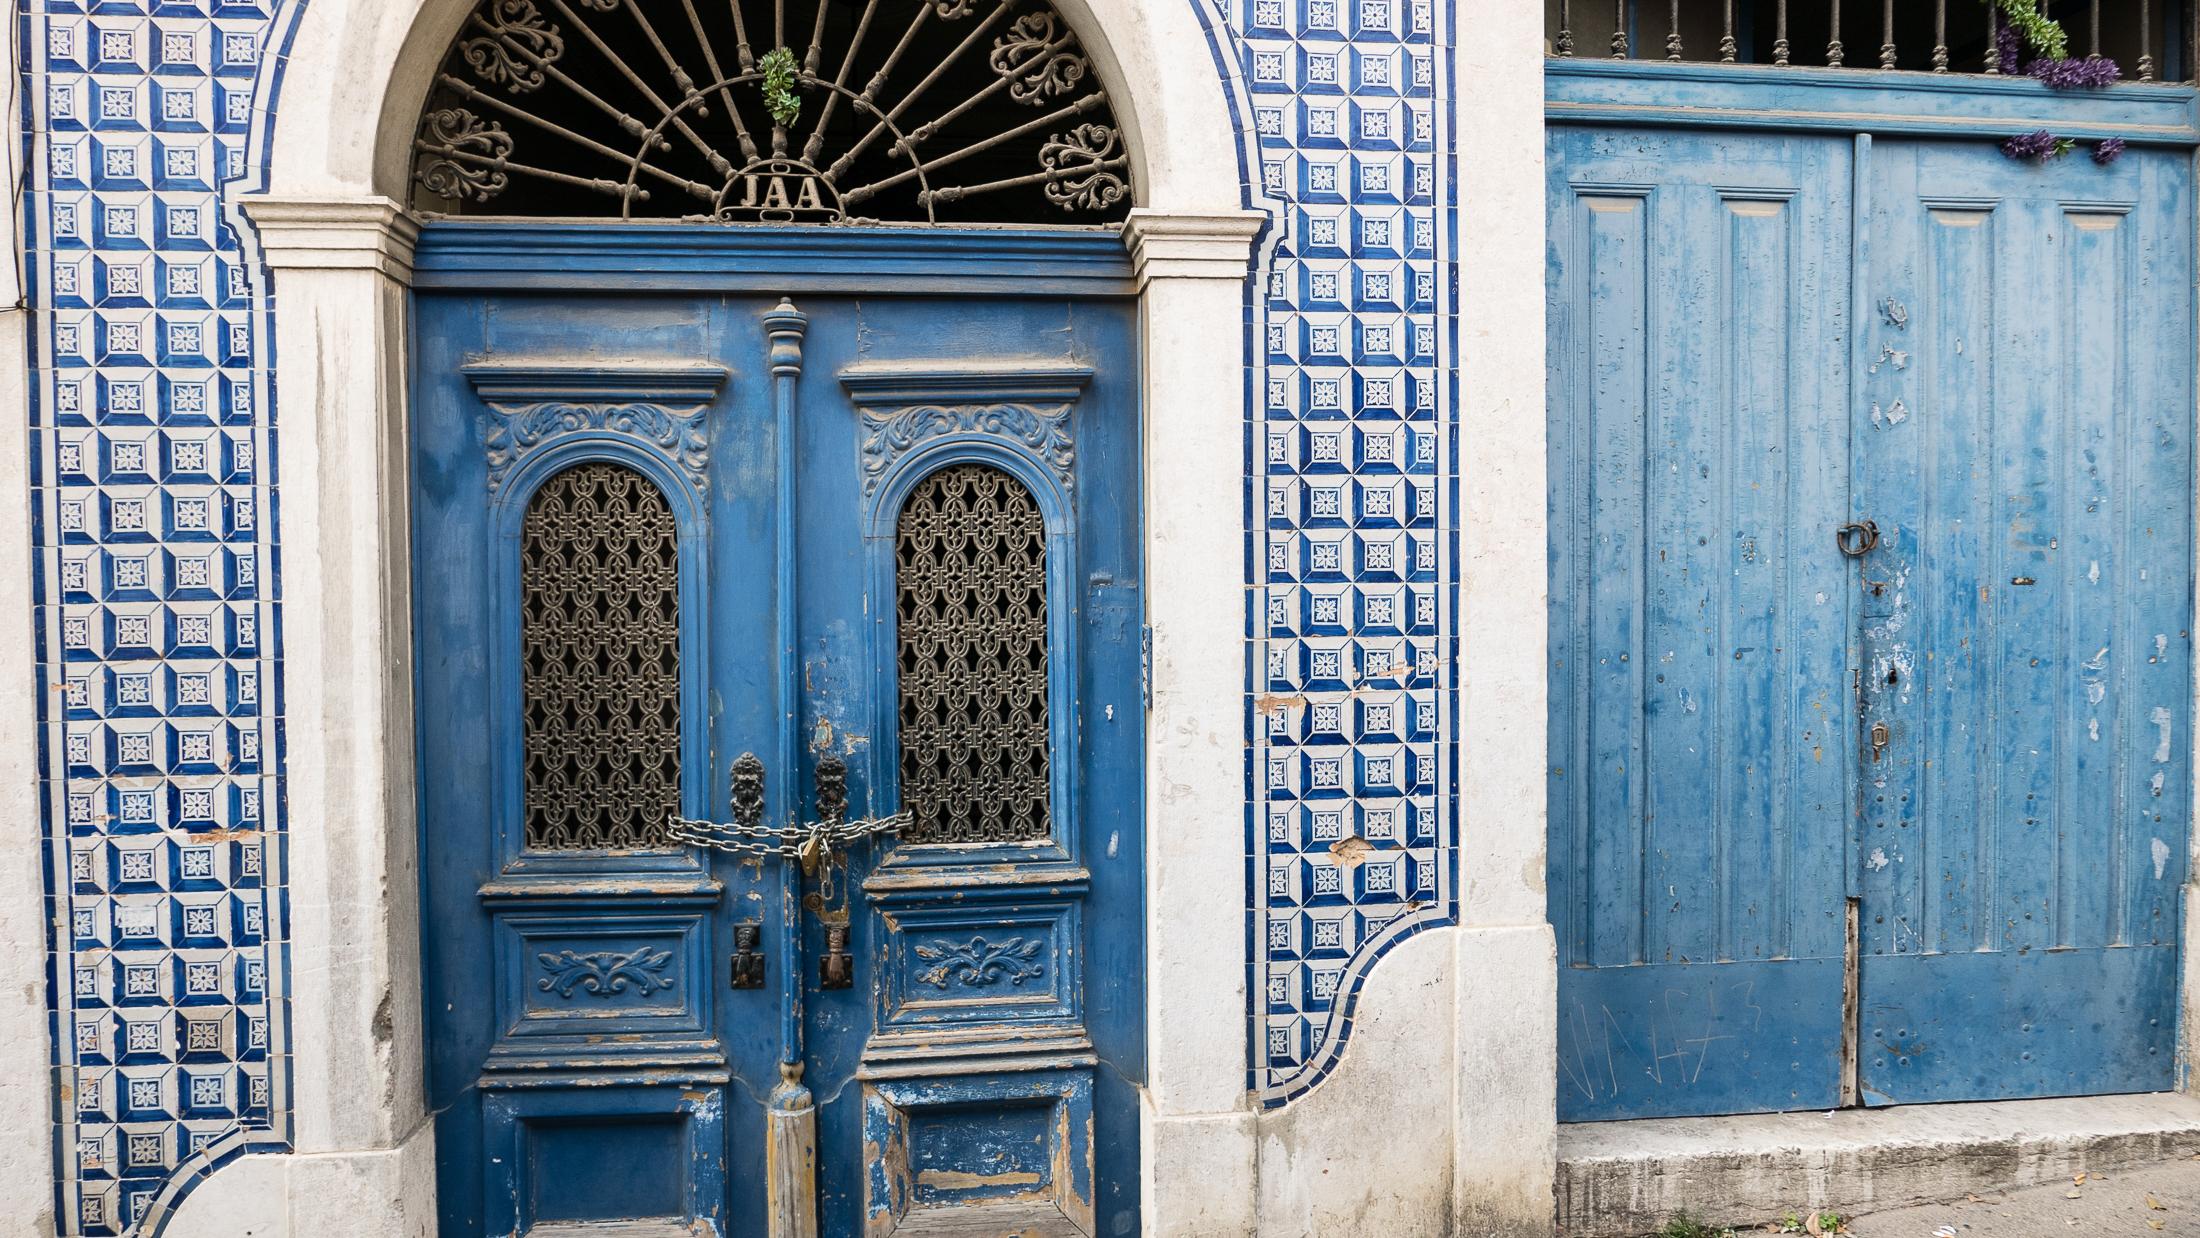 Photo workshops in Lisbon and the Algarve- Azulejo ceramic facade in Alfama, Lisbon, azuleja tiles